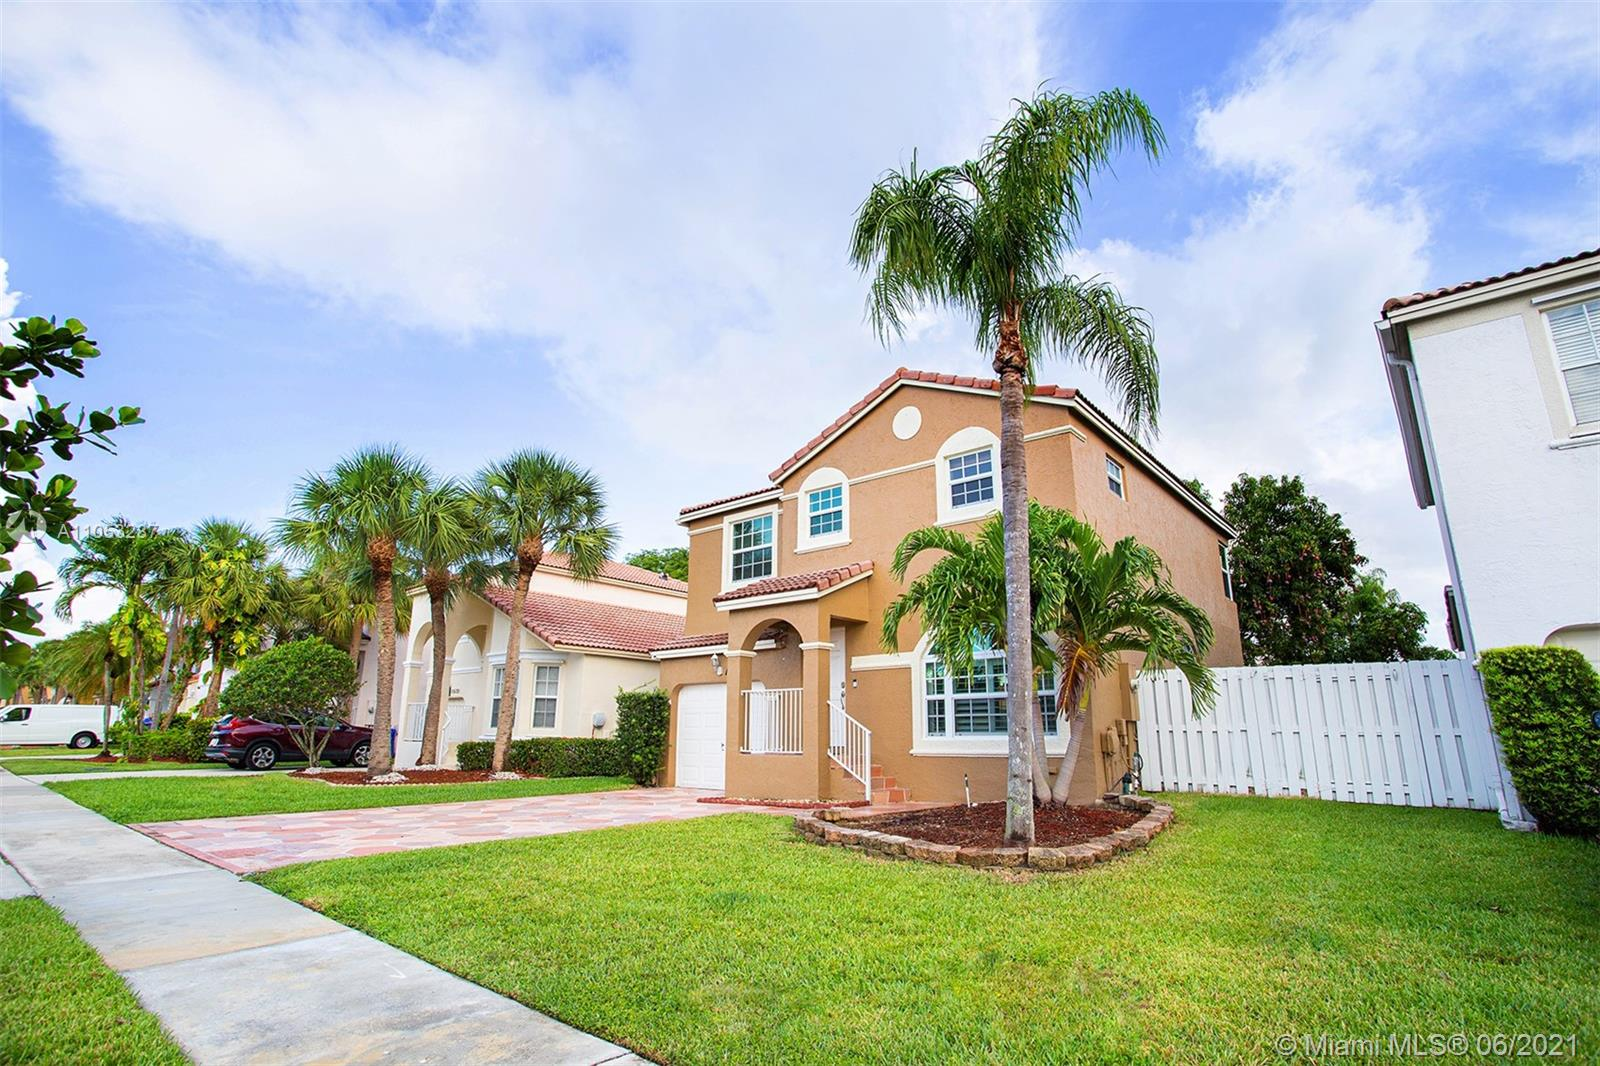 Towngate - 15111 NW 6th Ct, Pembroke Pines, FL 33028